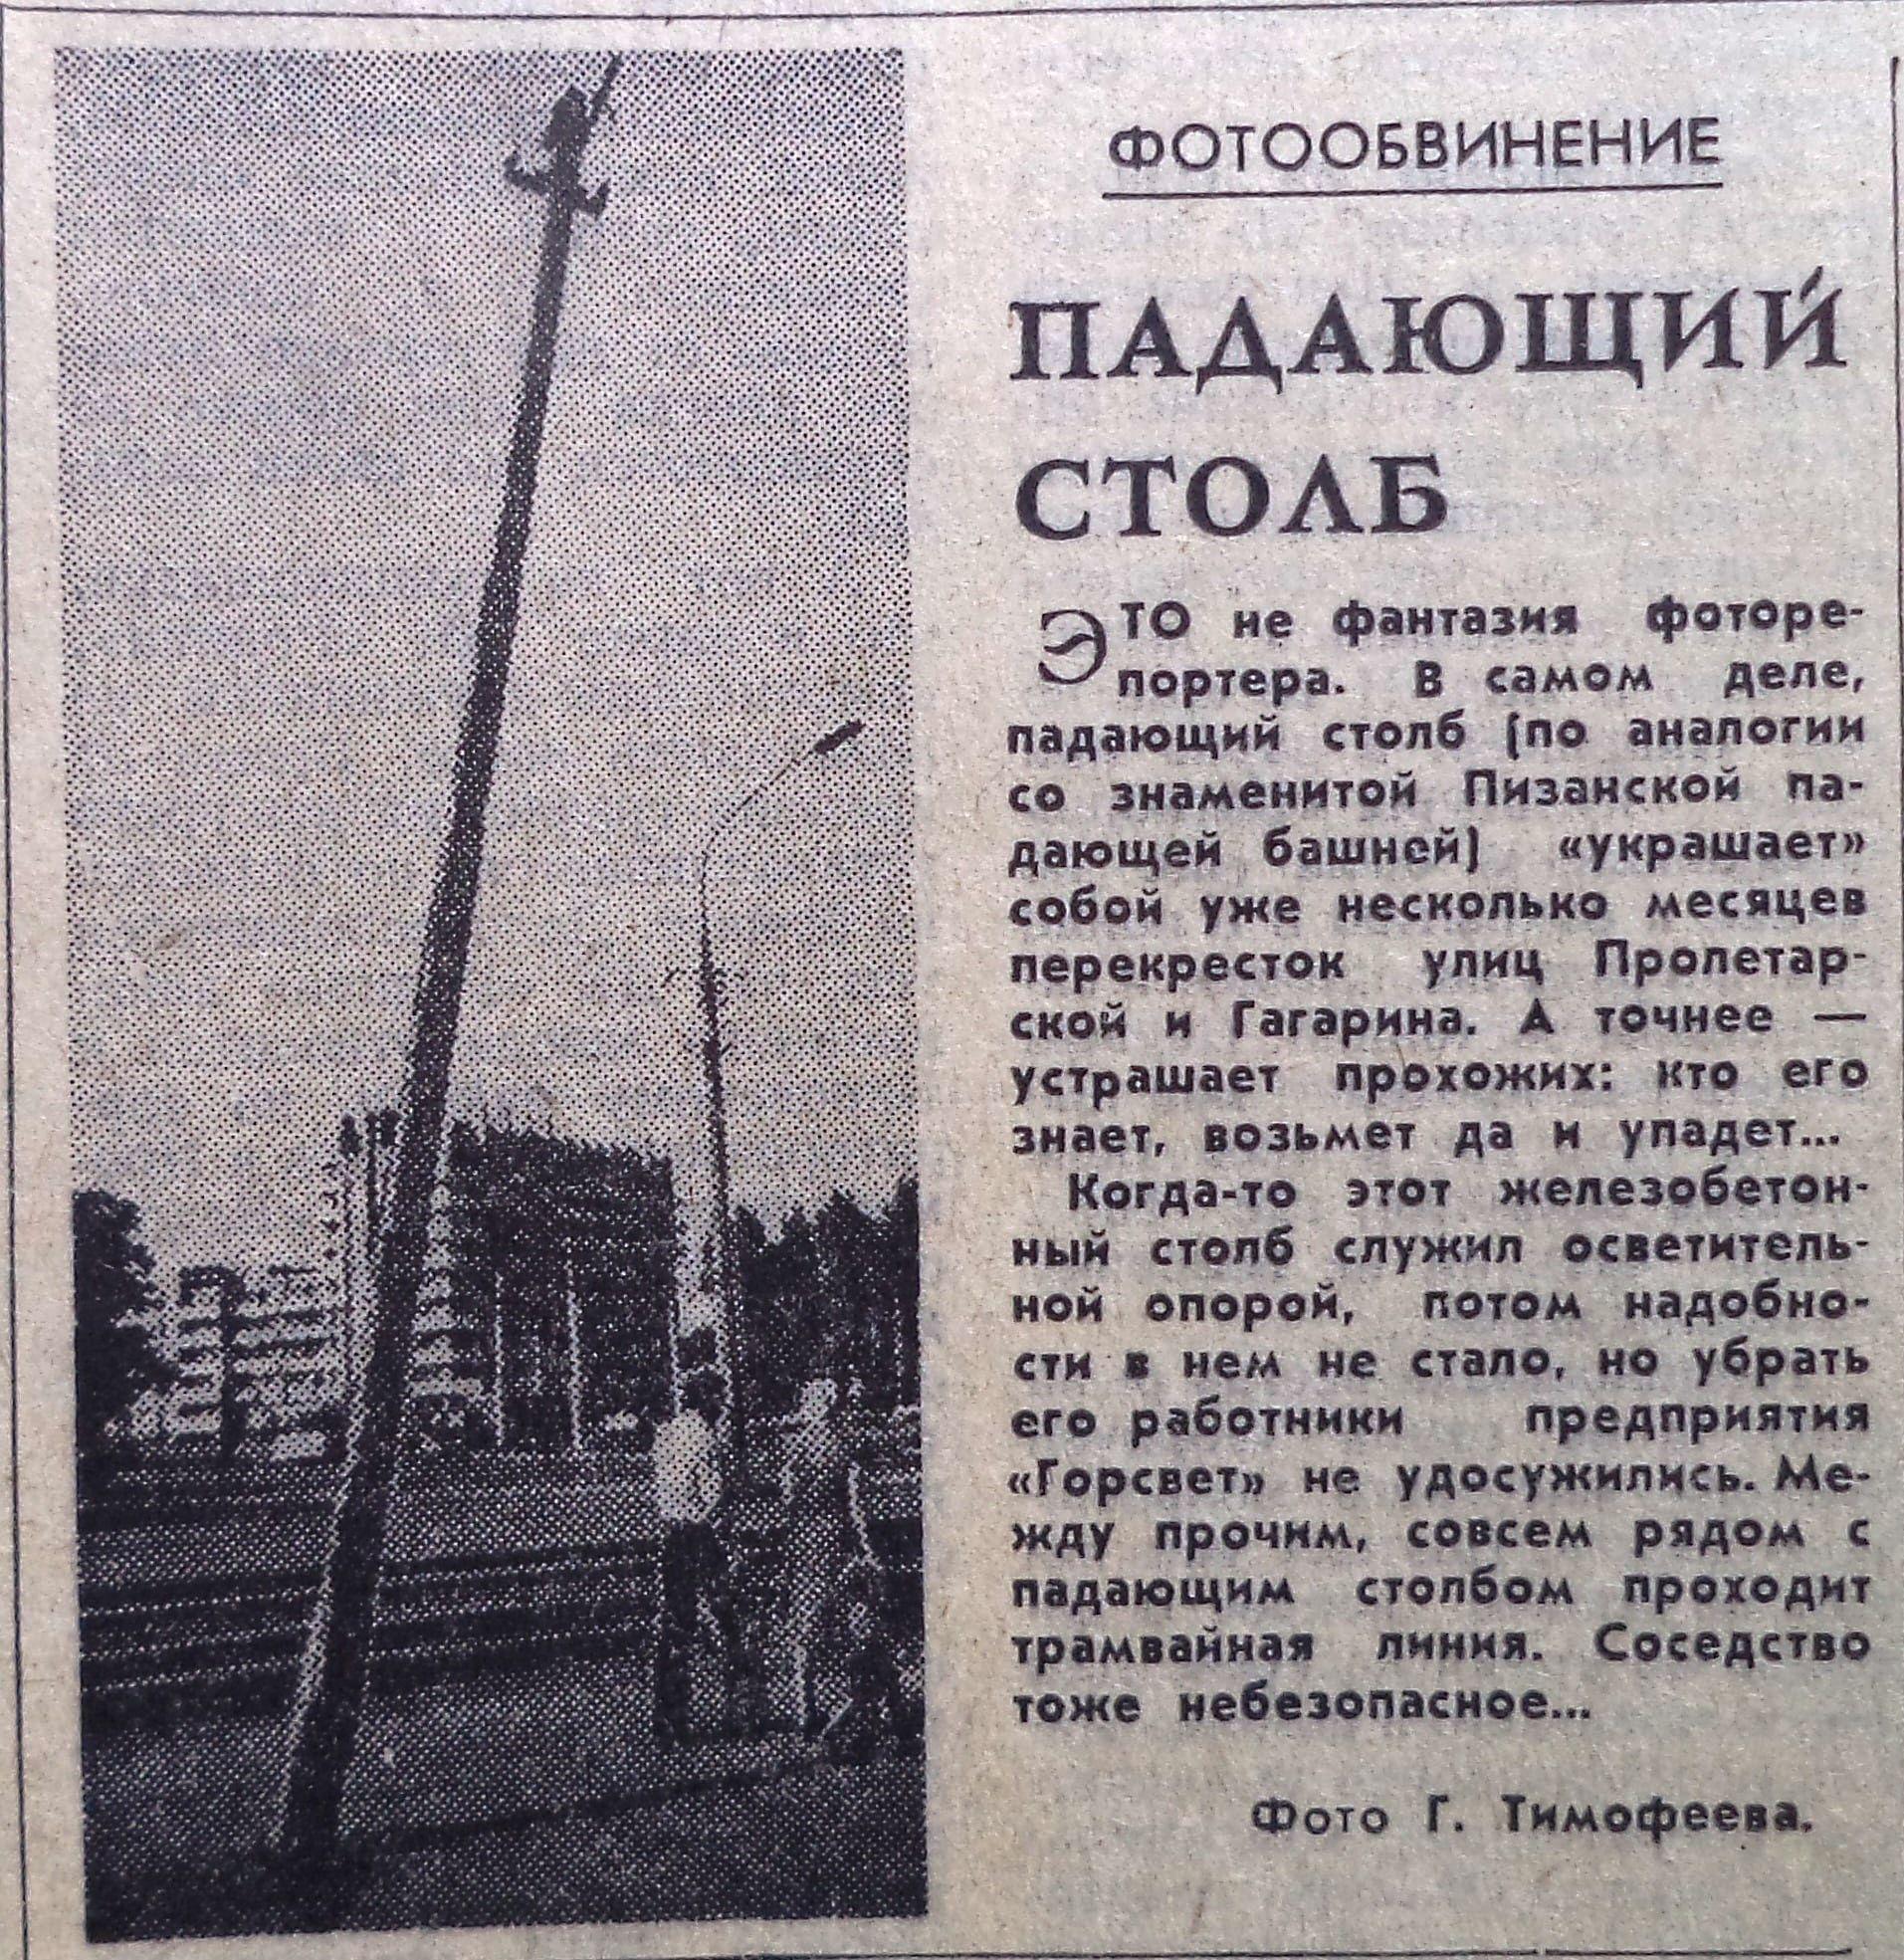 Пролетарская-ФОТО-28-ВЗя-1984-06-01-фото с Пролет.-Гаг